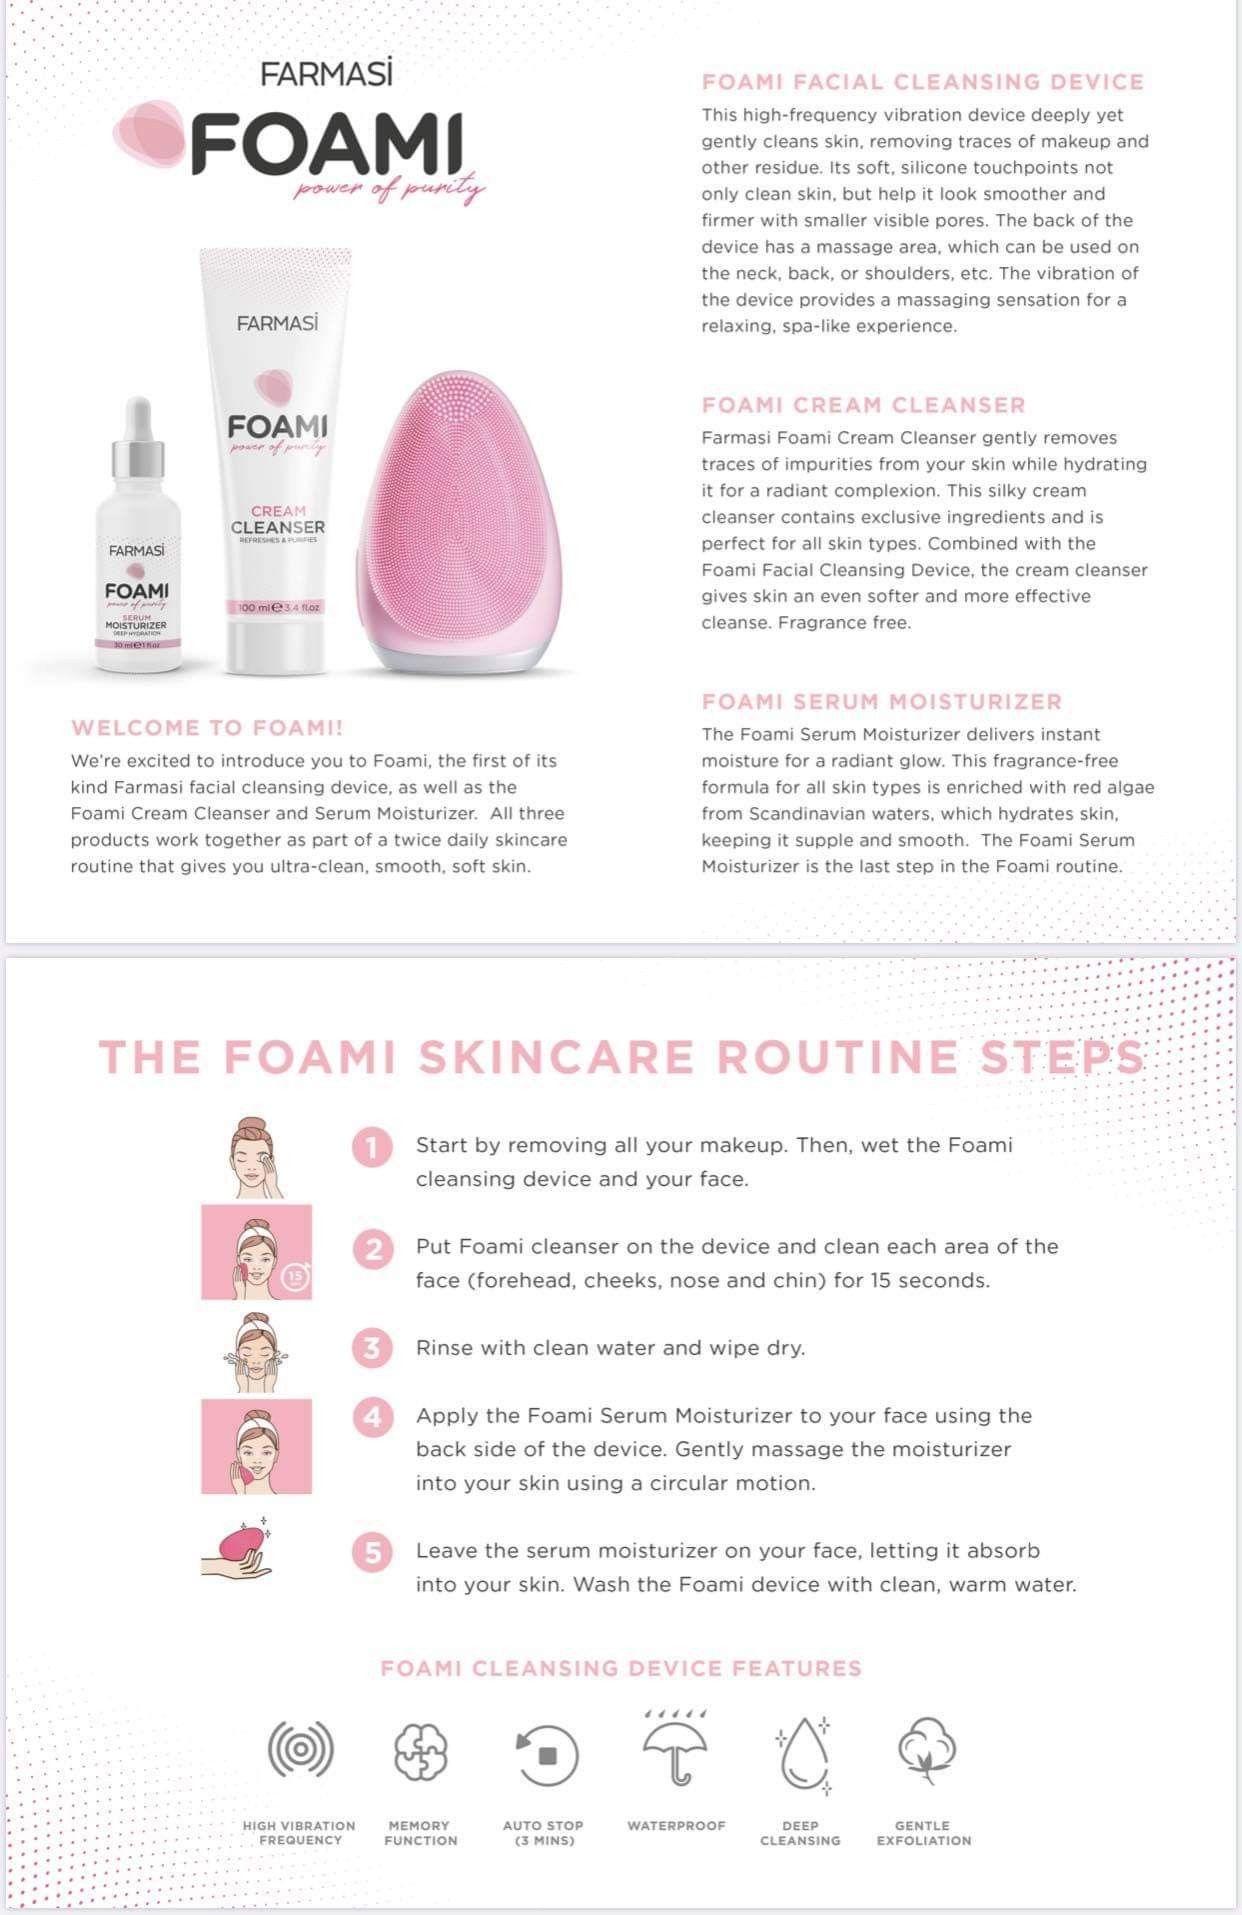 Farmasi foami clean cleanser foami serum moisturizer